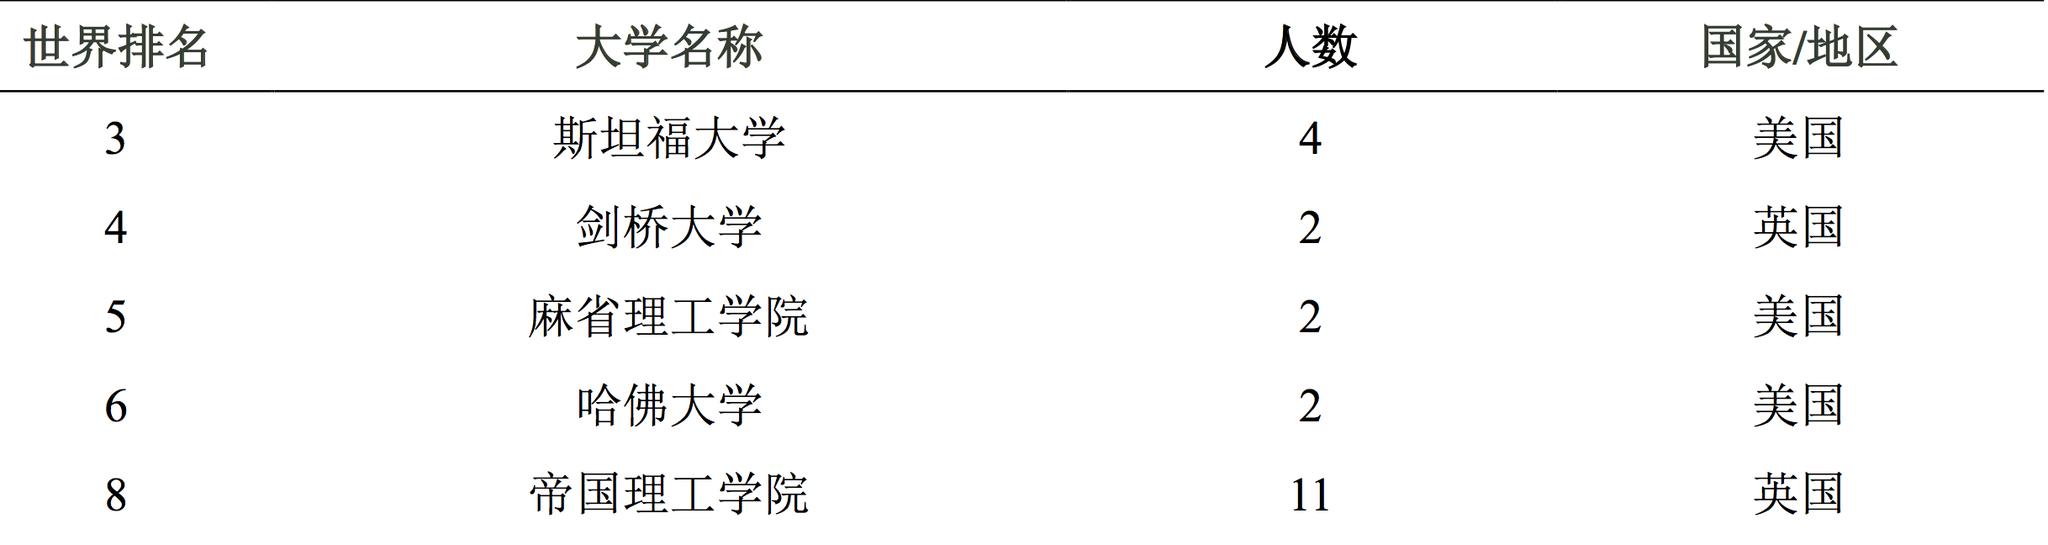 必发集团娱乐网站 274